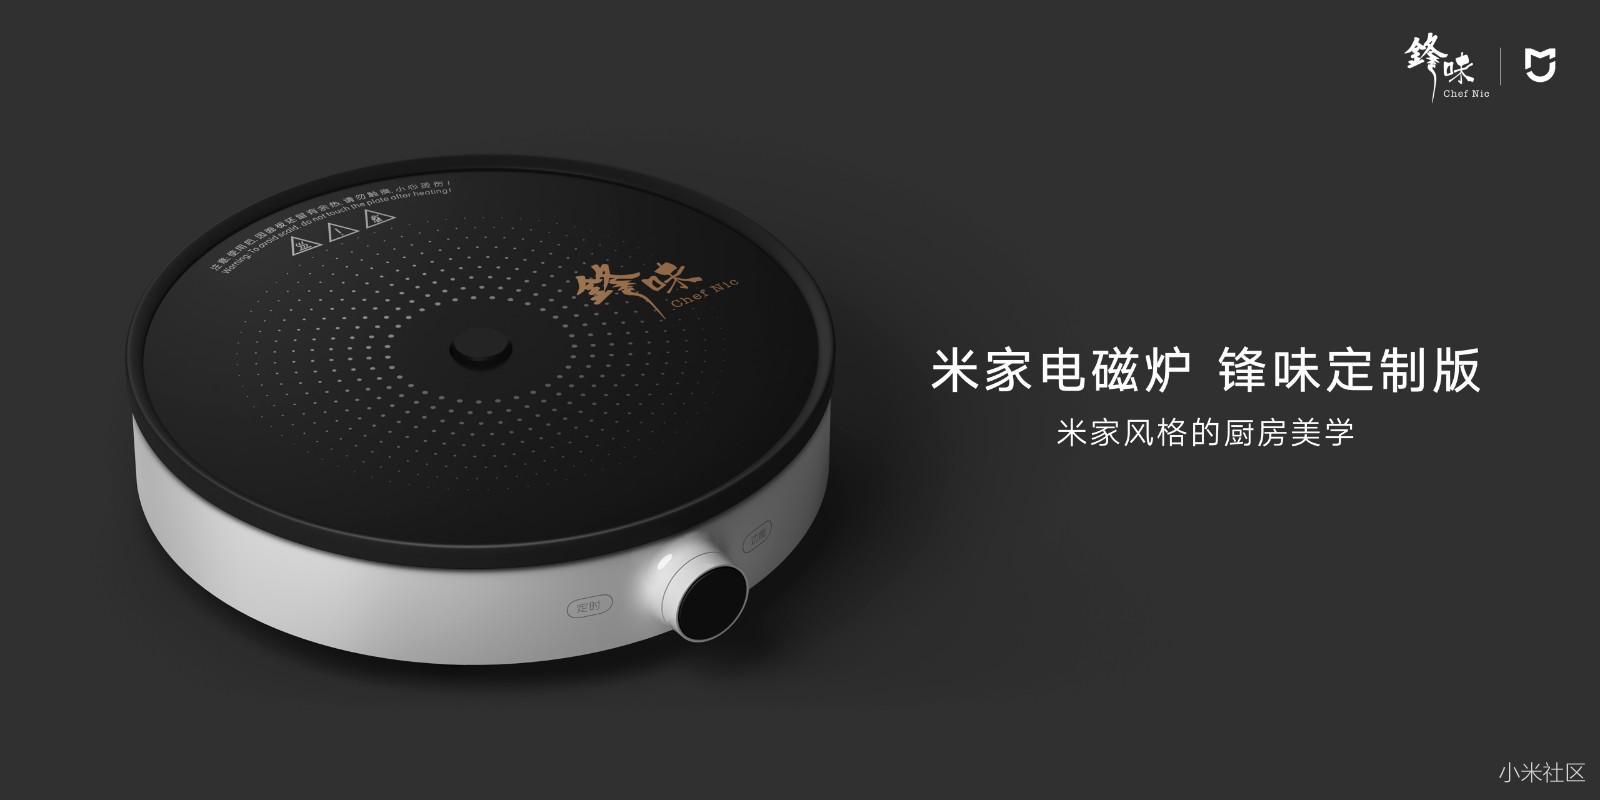 米家互联网烟灶套装全新设计了450ml大容量油杯,与导风板融为一体,简洁不突兀,采用磁力吸附,方便消费者安装拆卸